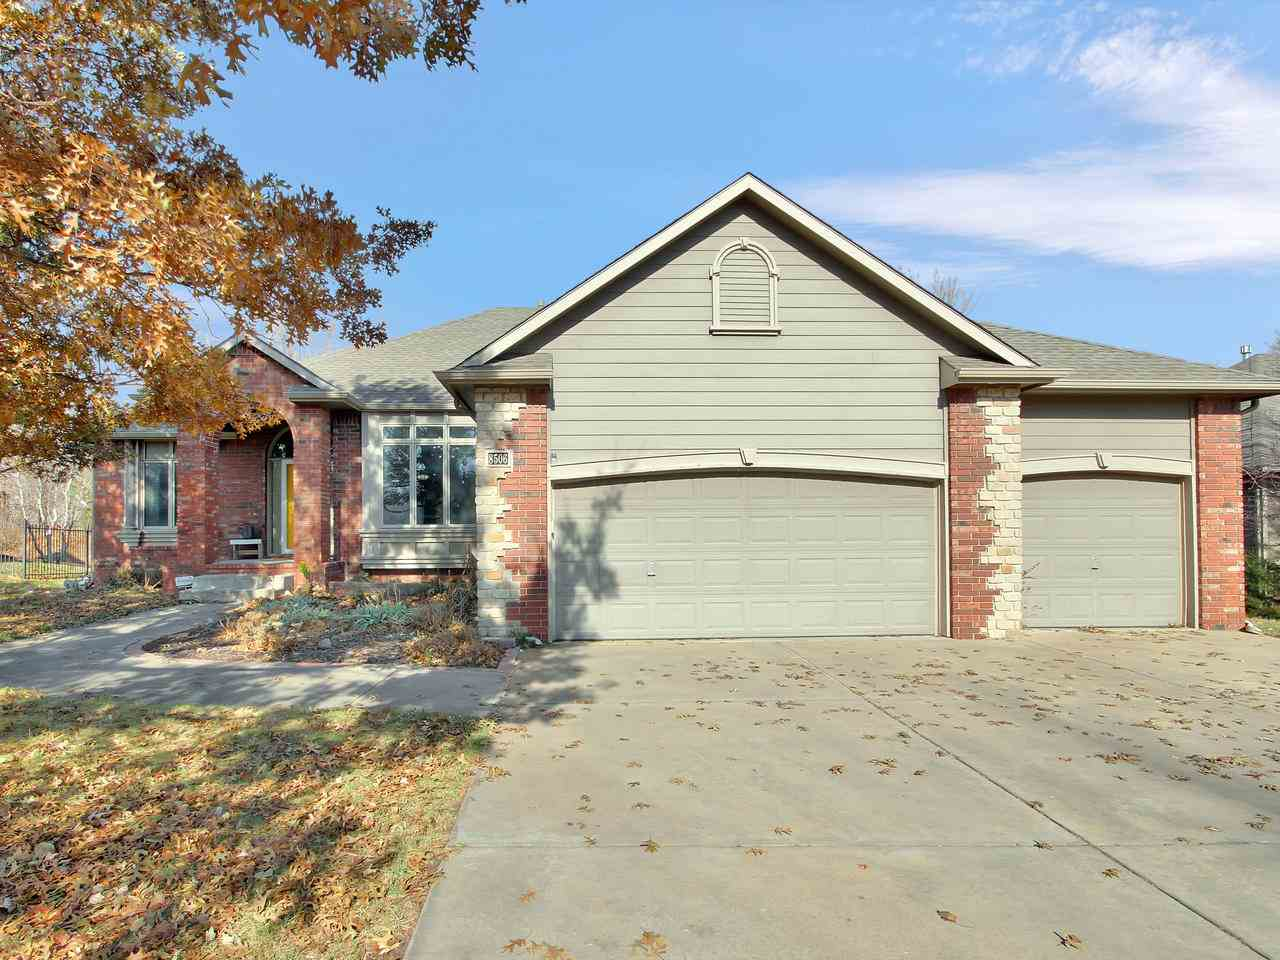 8506 W Shadow Lakes St, Wichita, KS, 67205